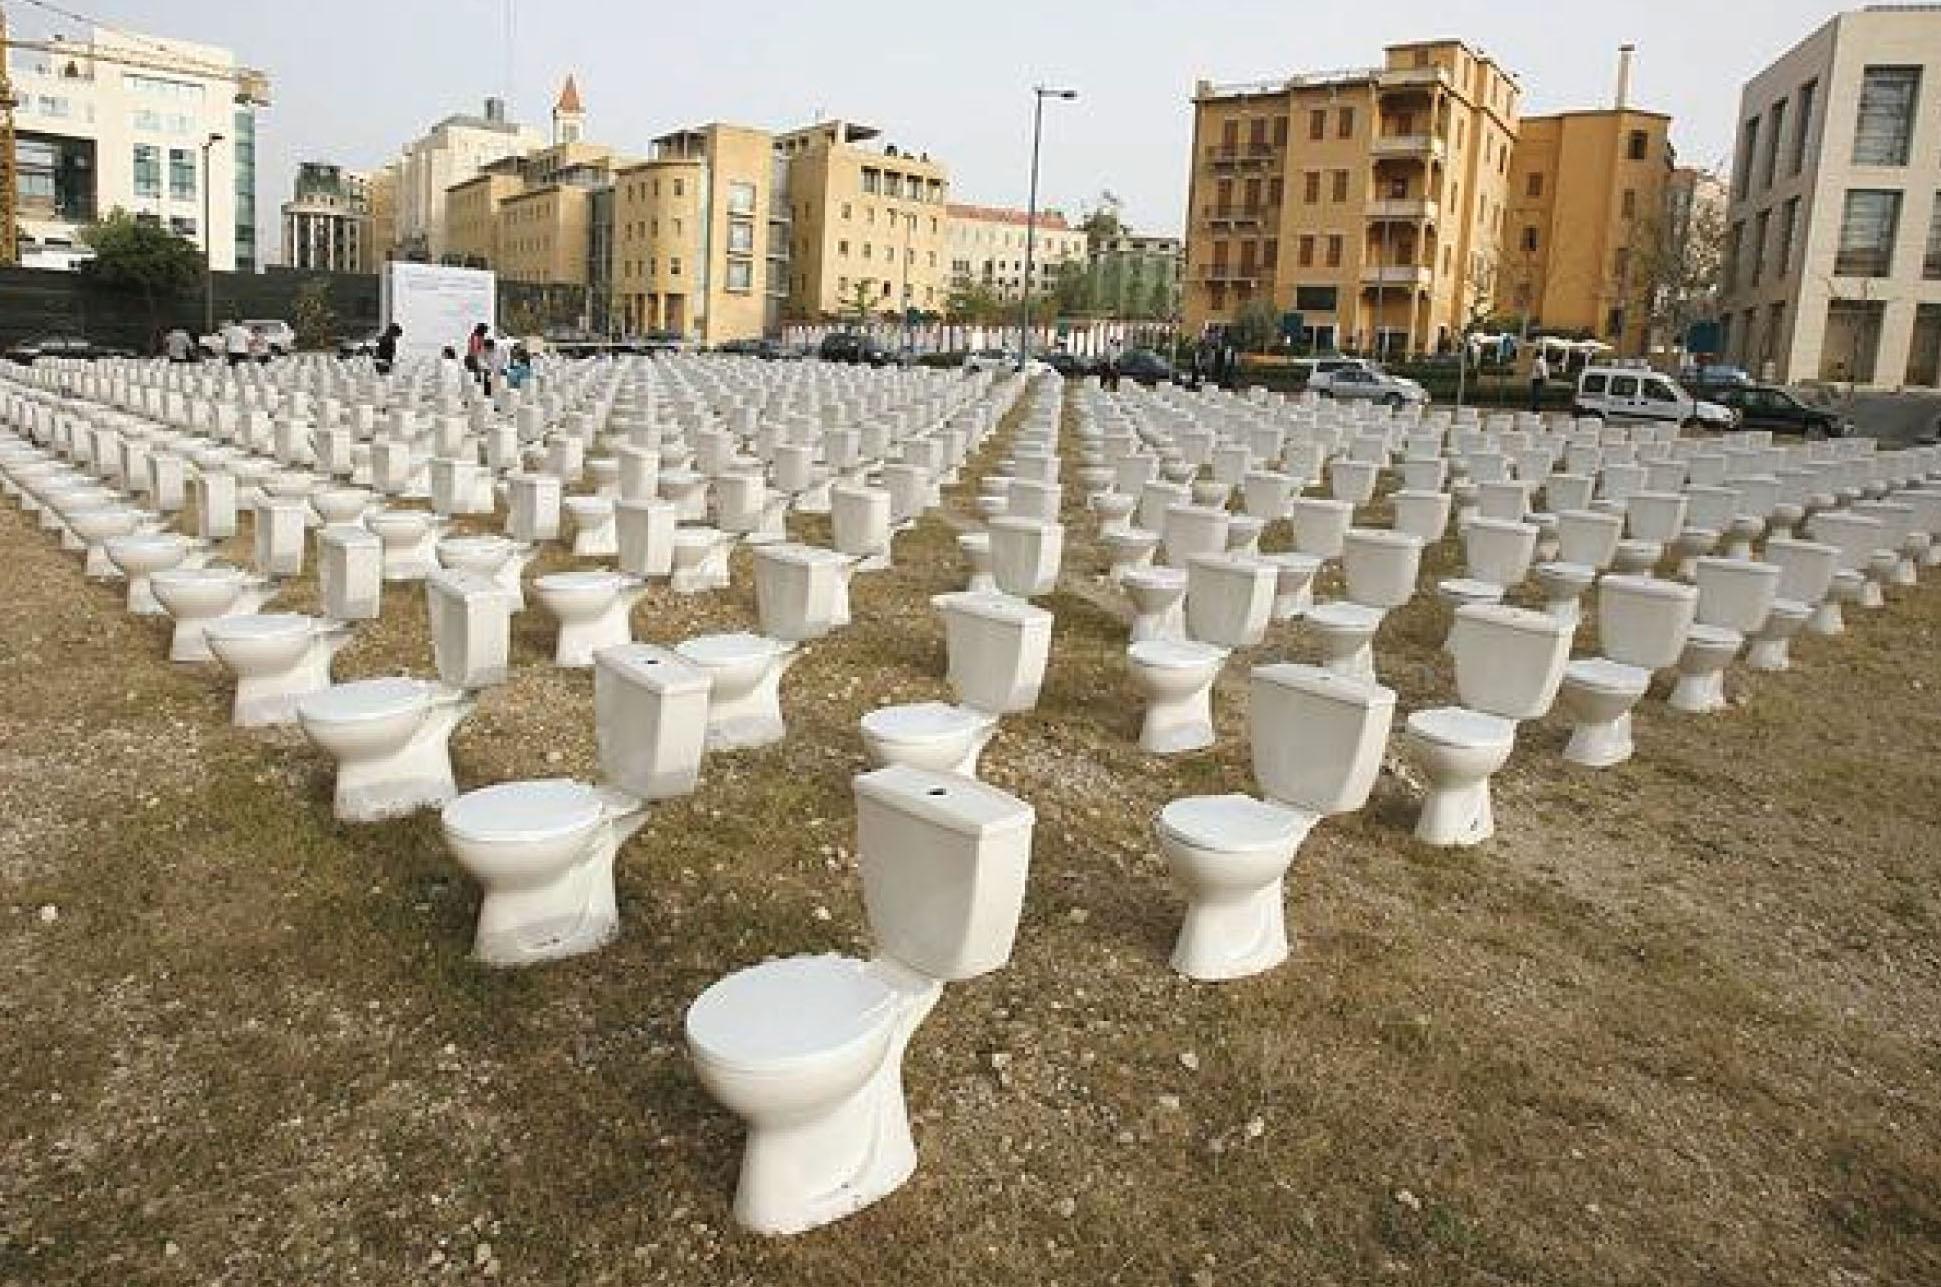 Toilet Day